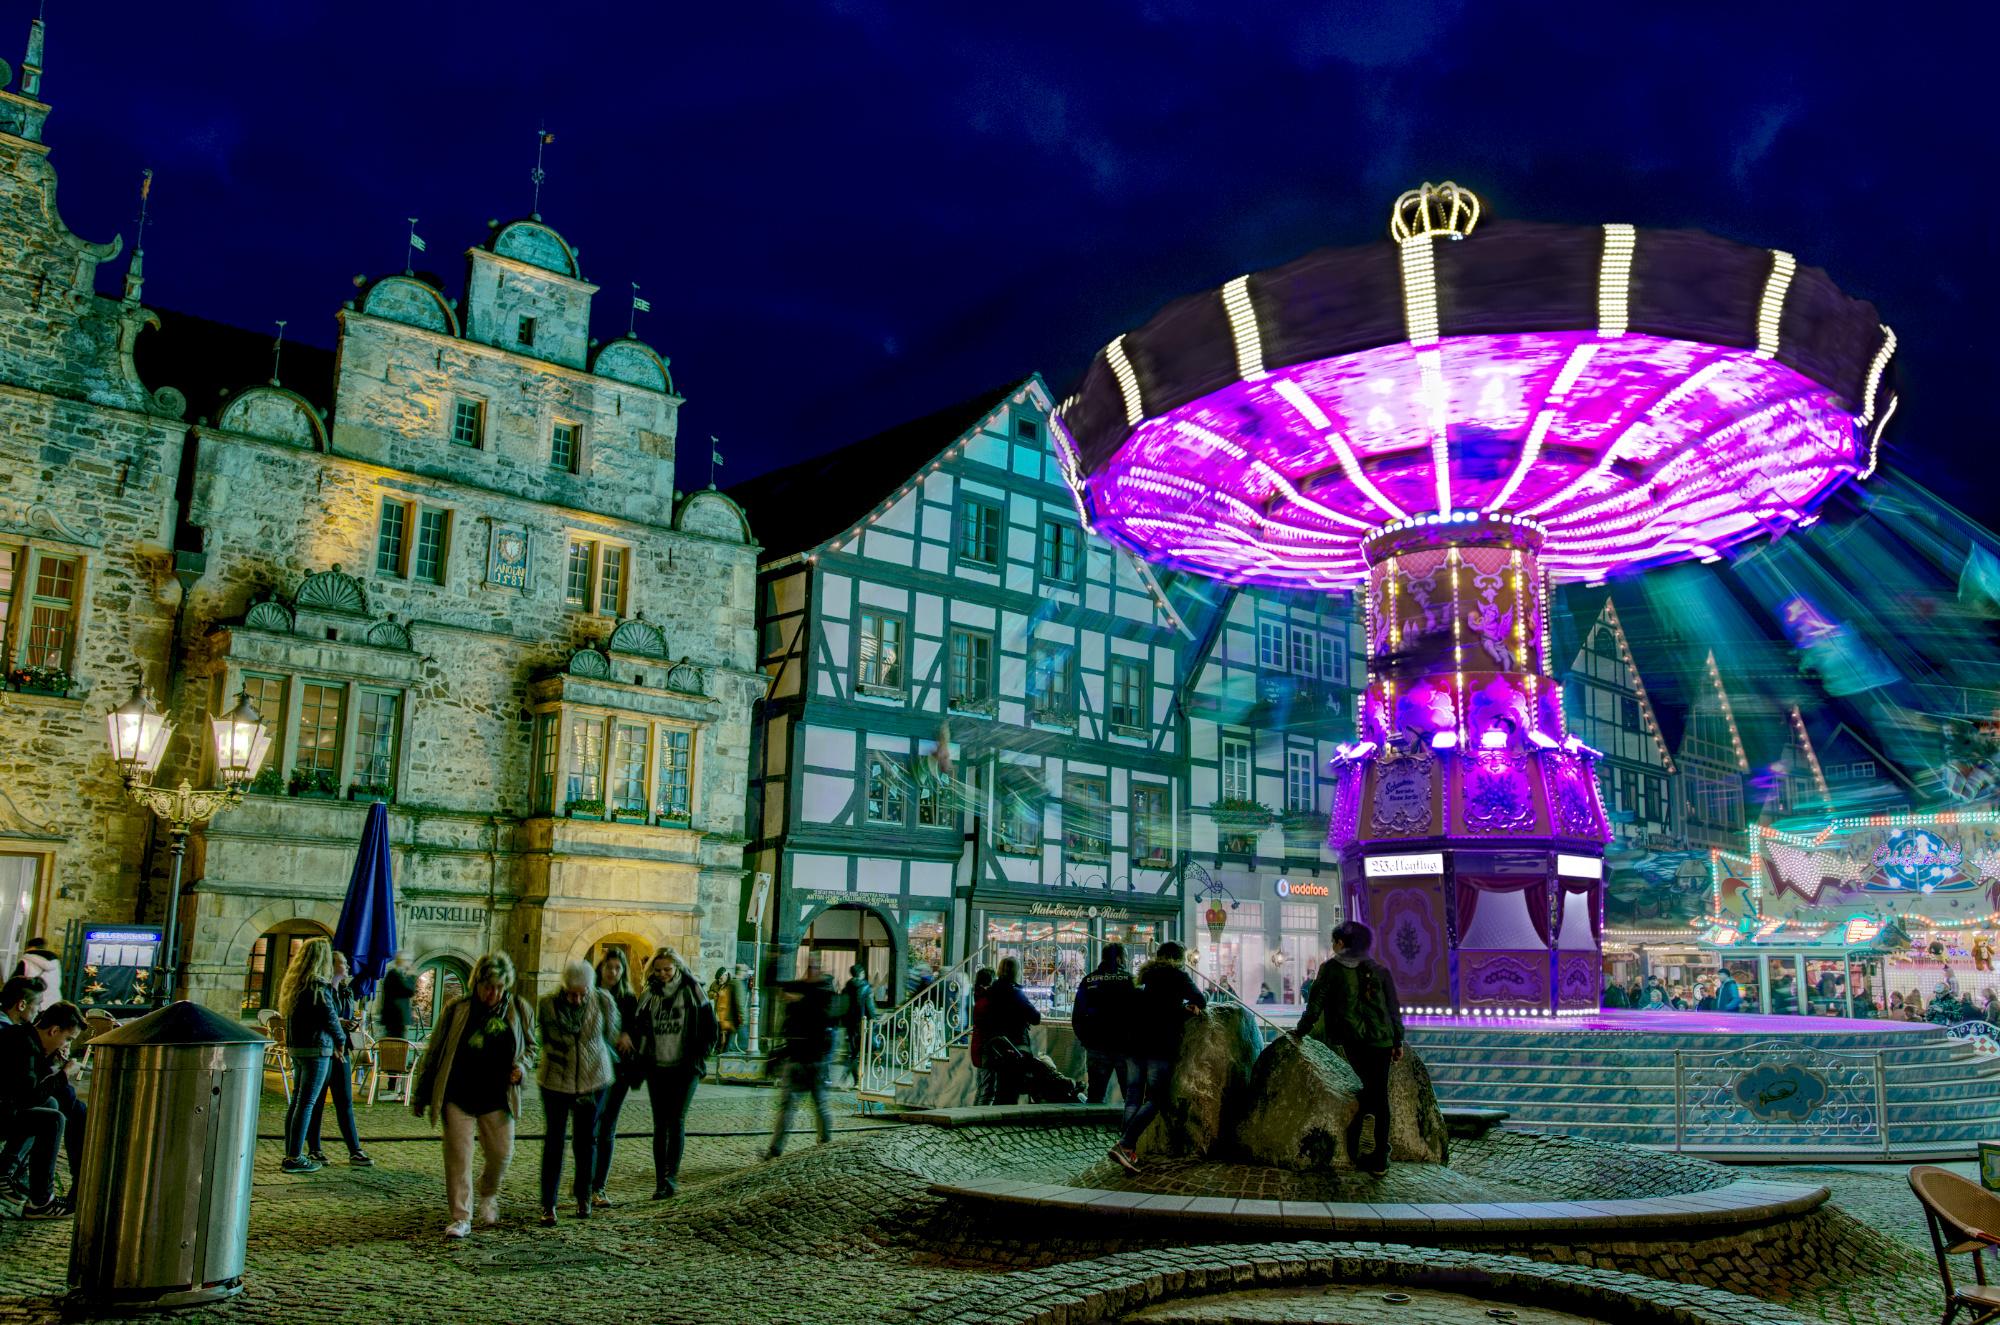 Kettenkarussel in der historischen Rintelner Altstadt während der Herbstmesse